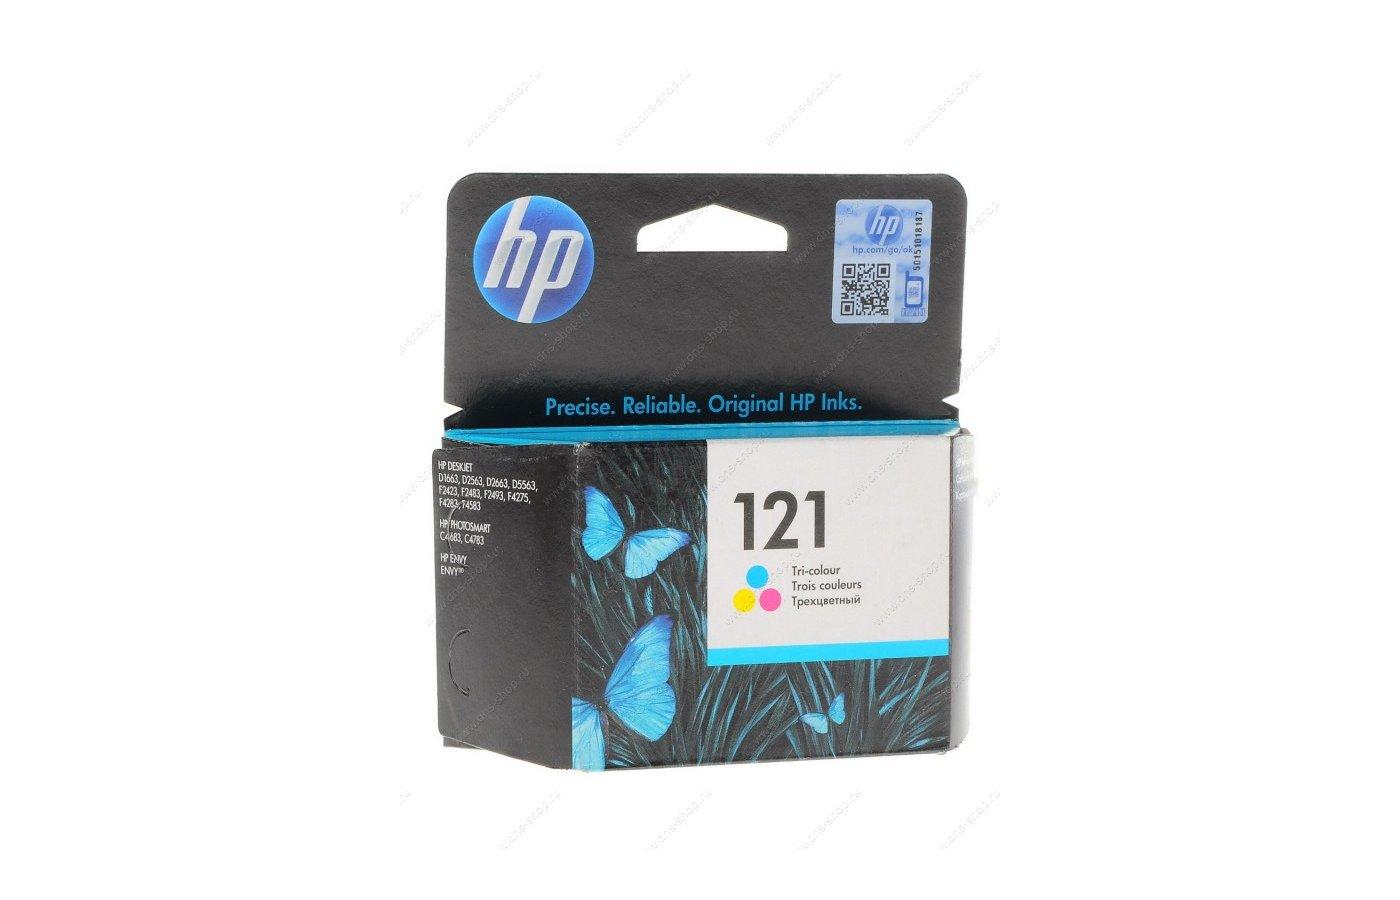 Картридж струйный HP CC643HE 121 для F4200 трехцветный